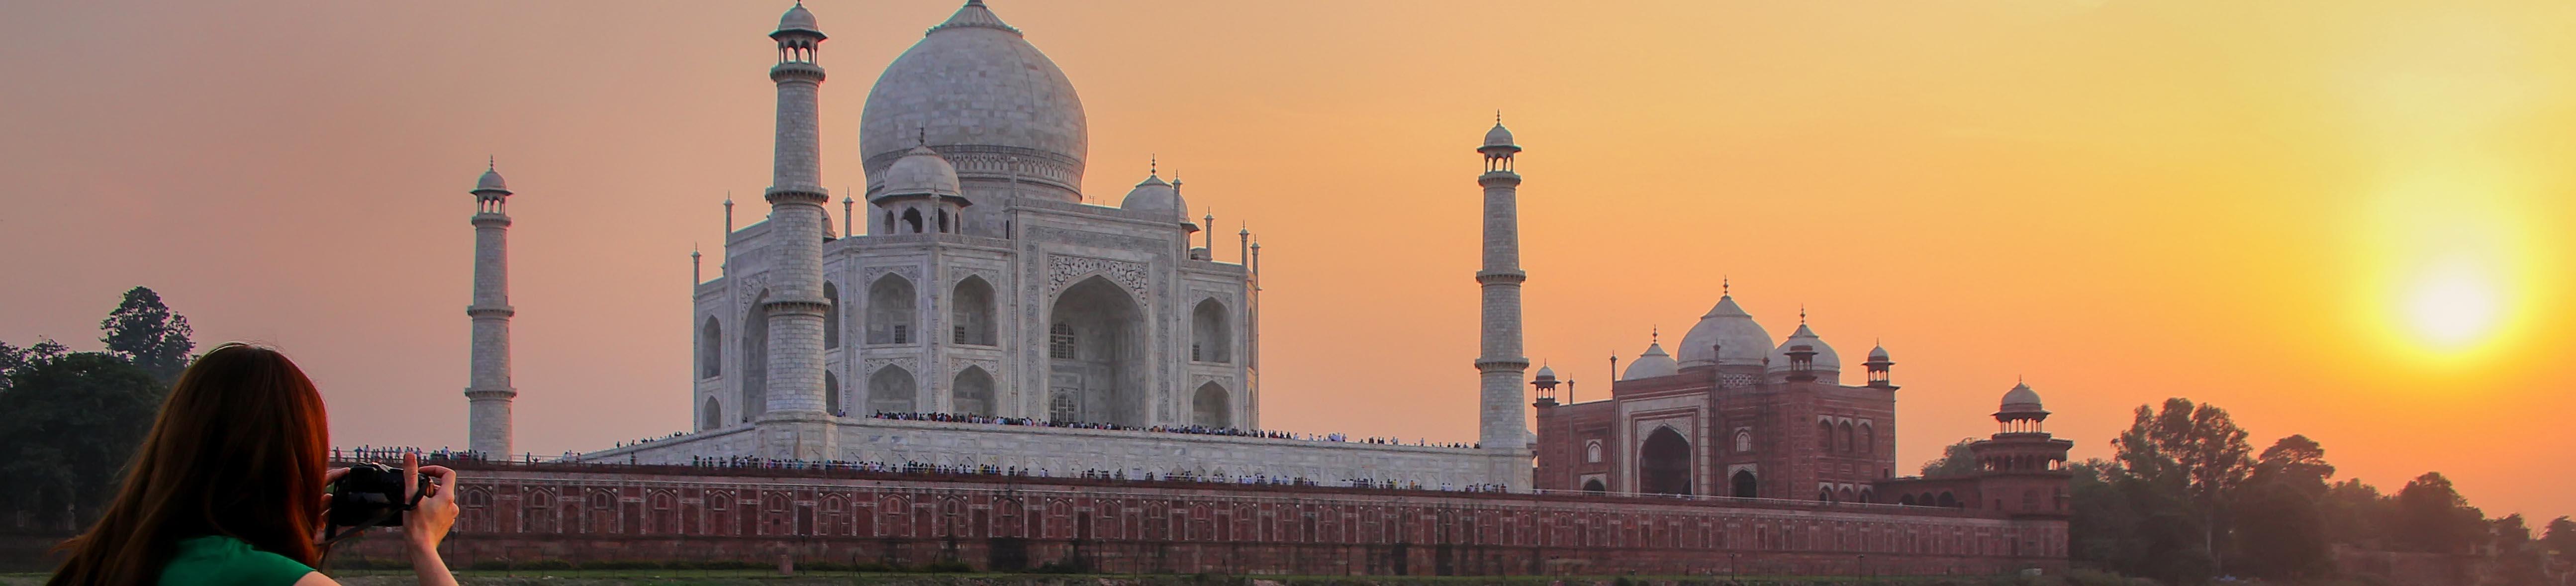 Les incontournable Inde : les villes exceptionnelles et monuments uniques au monde à ne pas rater lors d'un voyage dans ce pays